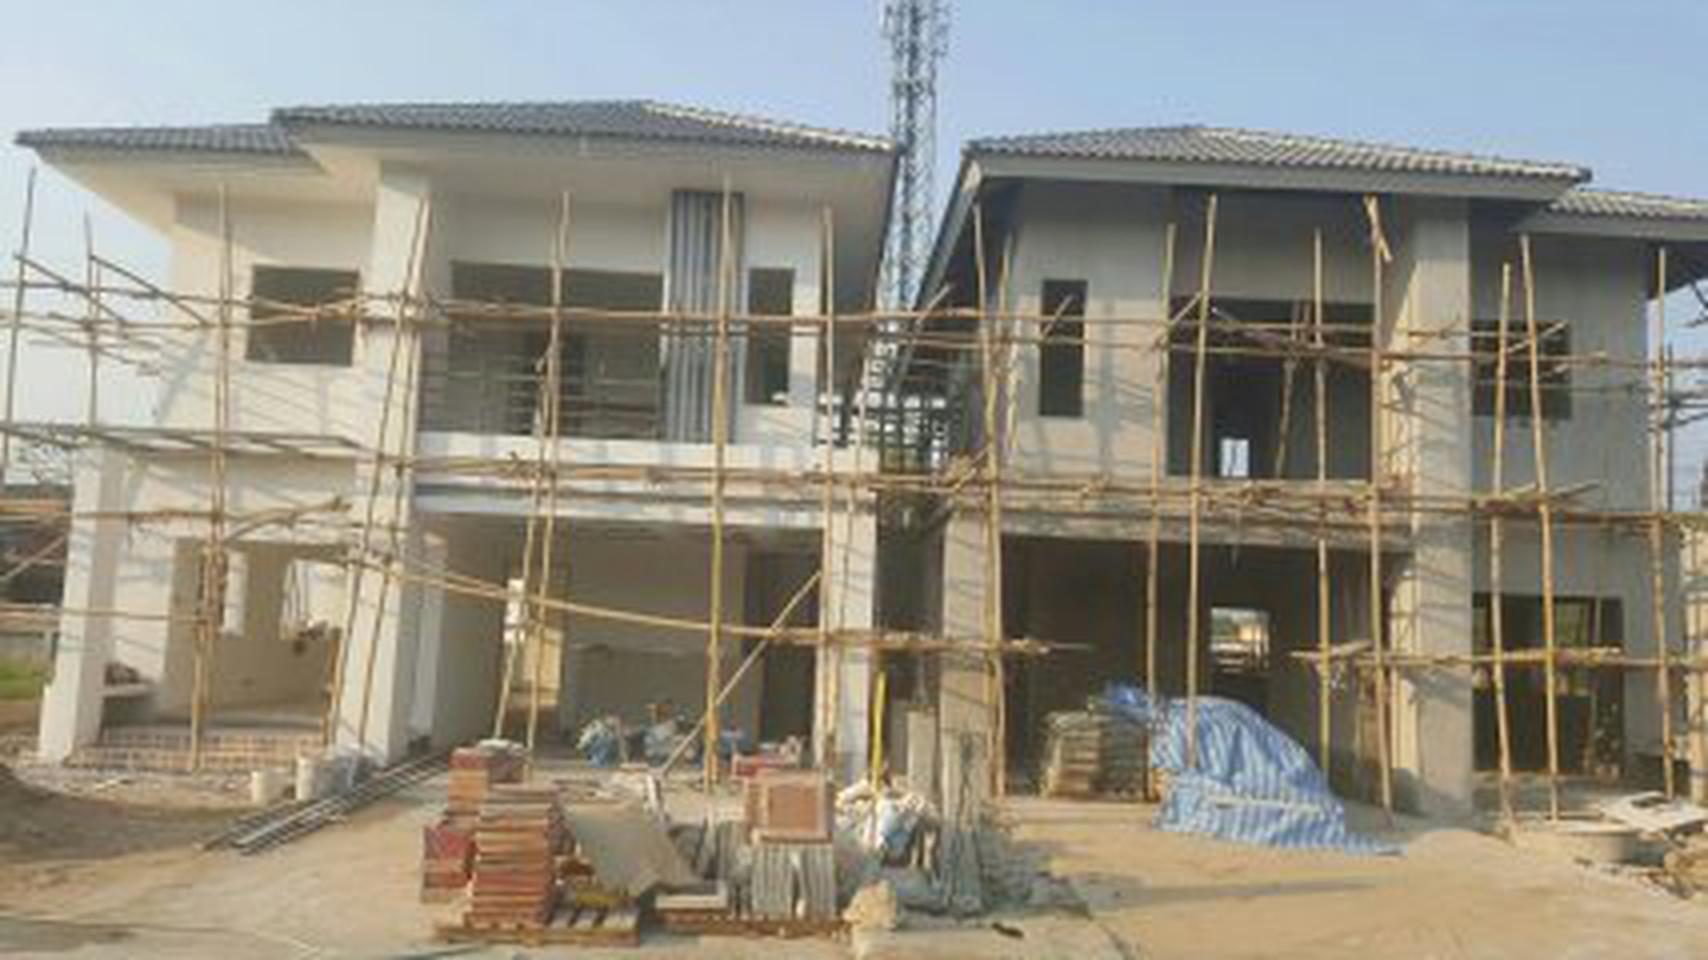 บ้านเดี่ยวเชียงใหม่ในหมู่บ้านบุรีทาน่า รูปที่ 3